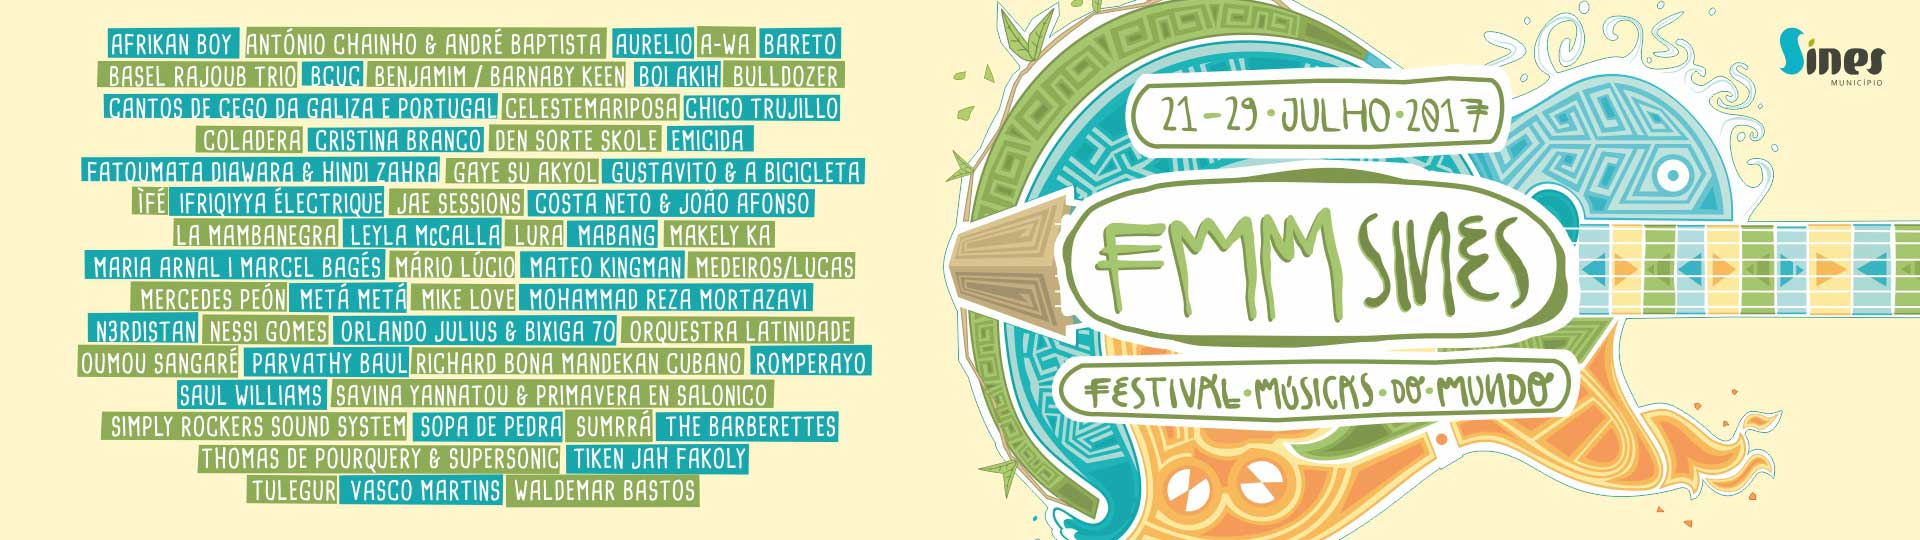 FMM 2017